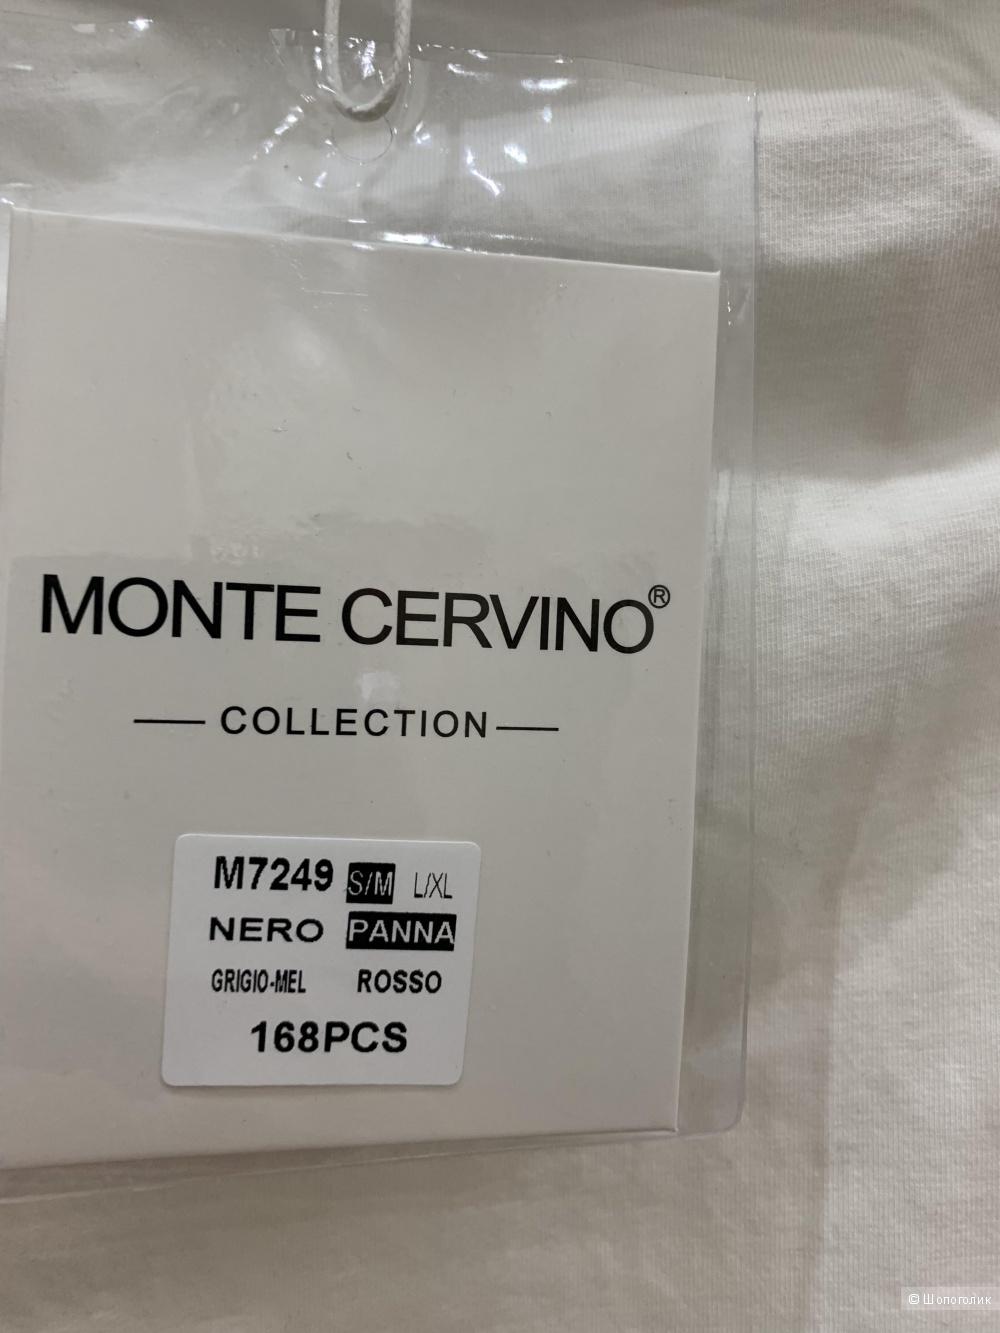 Футболка Monte Cervino, размер s/m